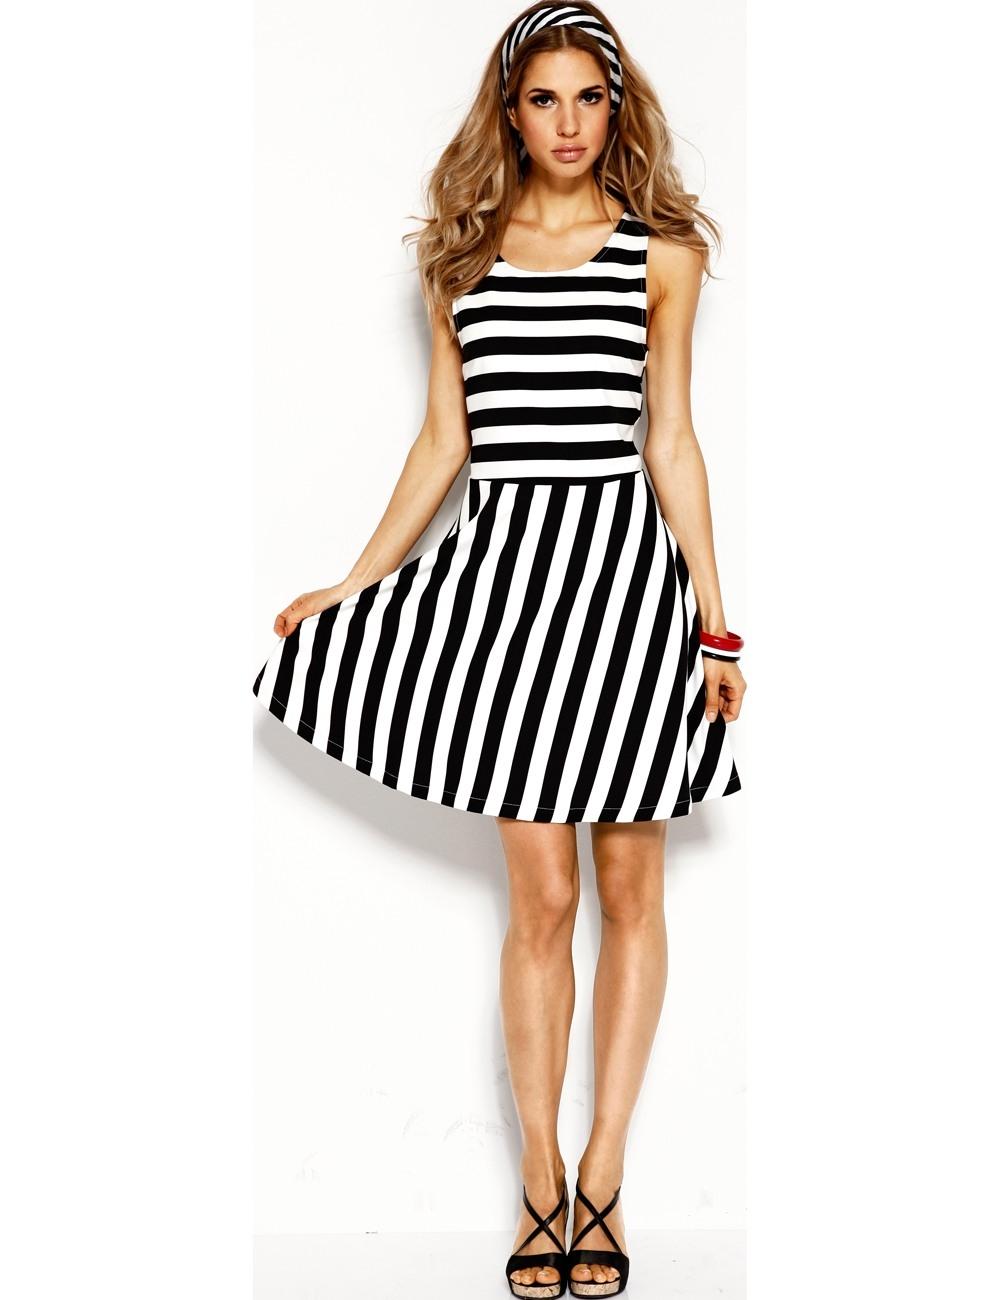 Designer Spektakulär Kleid Weiß BoutiqueAbend Coolste Kleid Weiß Ärmel